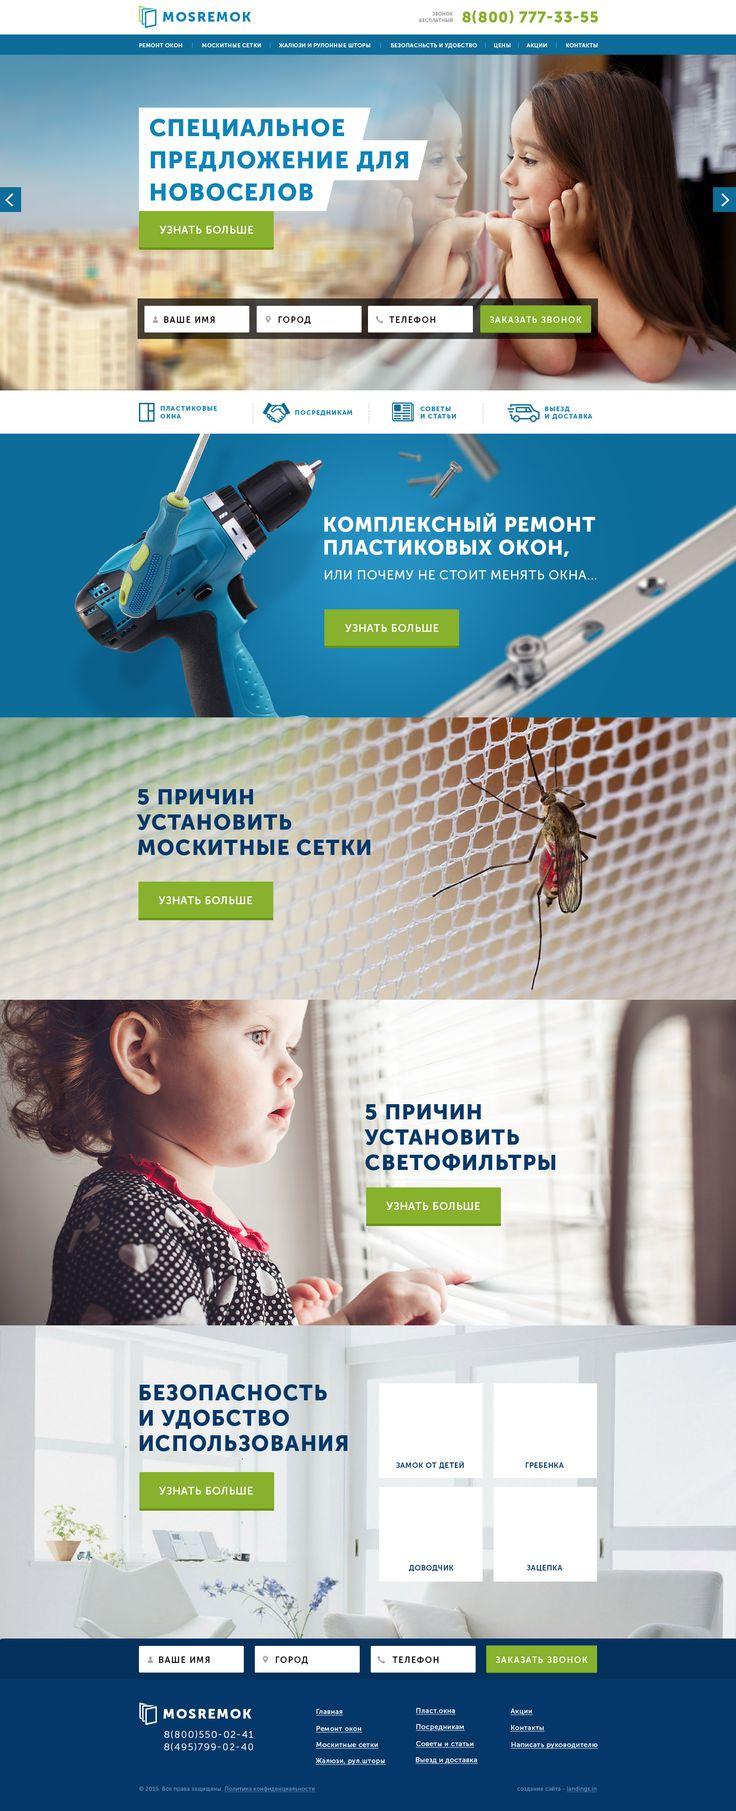 Дизайн лендинга по ремонту пластиковых окон (landing page) (Дизайн сайтов) - фри-лансер Дмитрий Пелипас [pelipas].